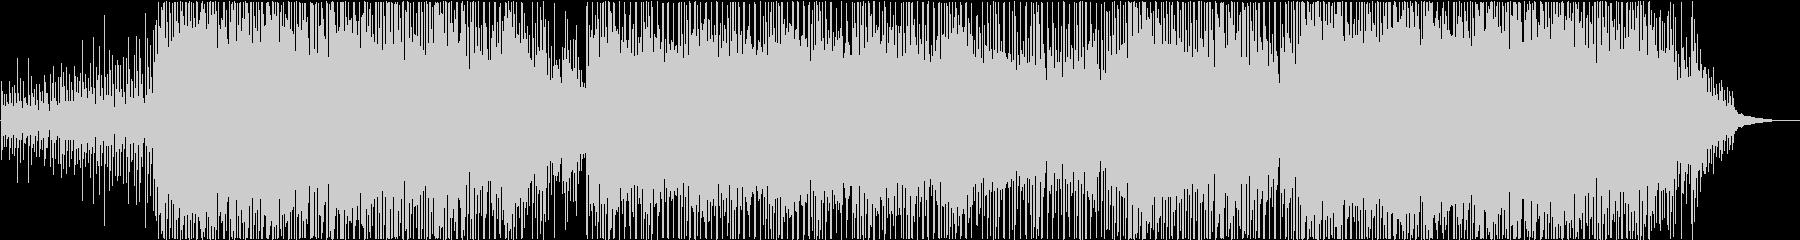 コーポレート、ポップロック、インディーの未再生の波形